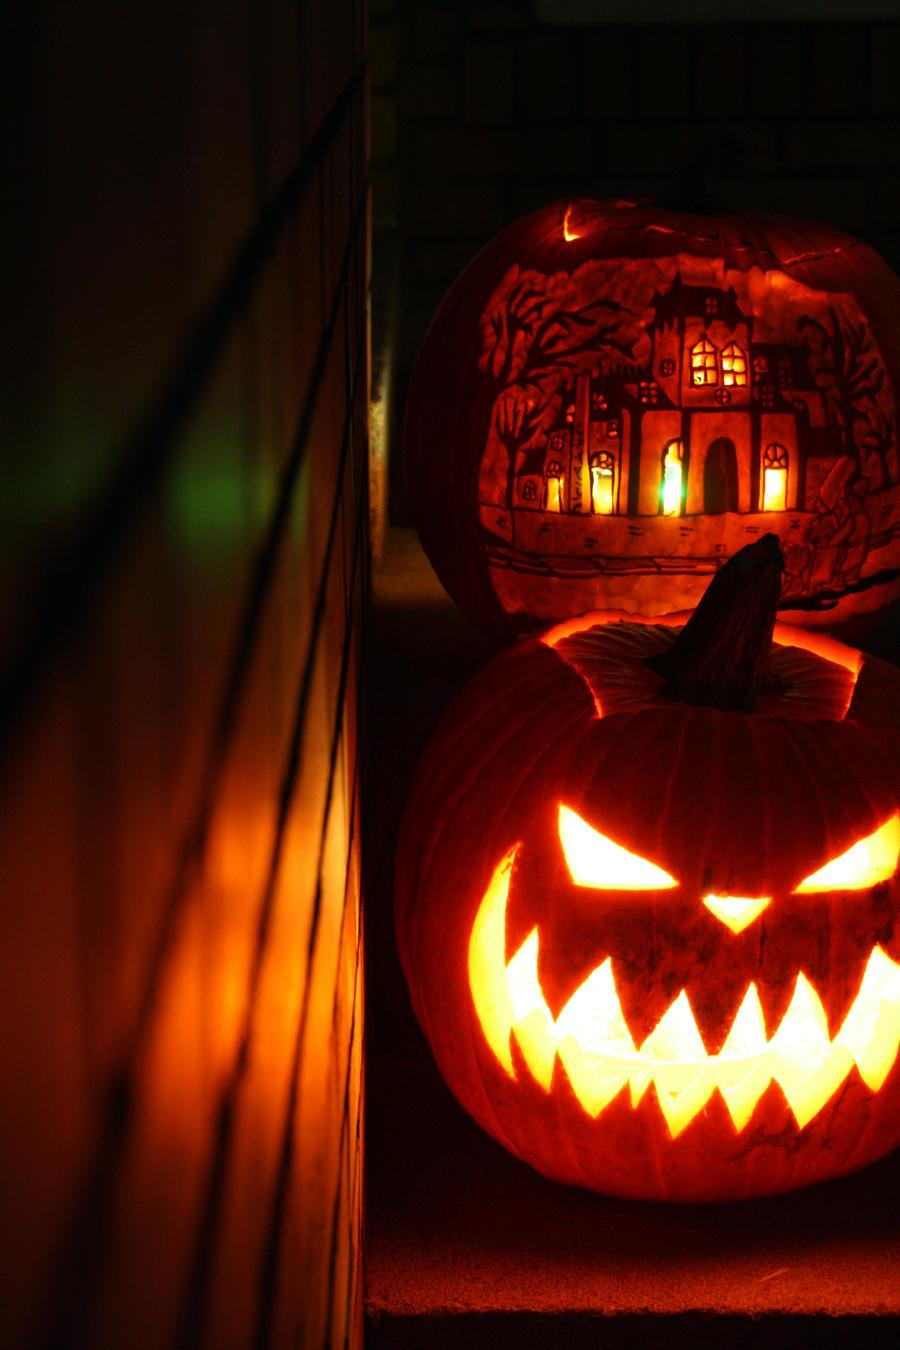 Jack-o-lanterns 2012 by firefly181